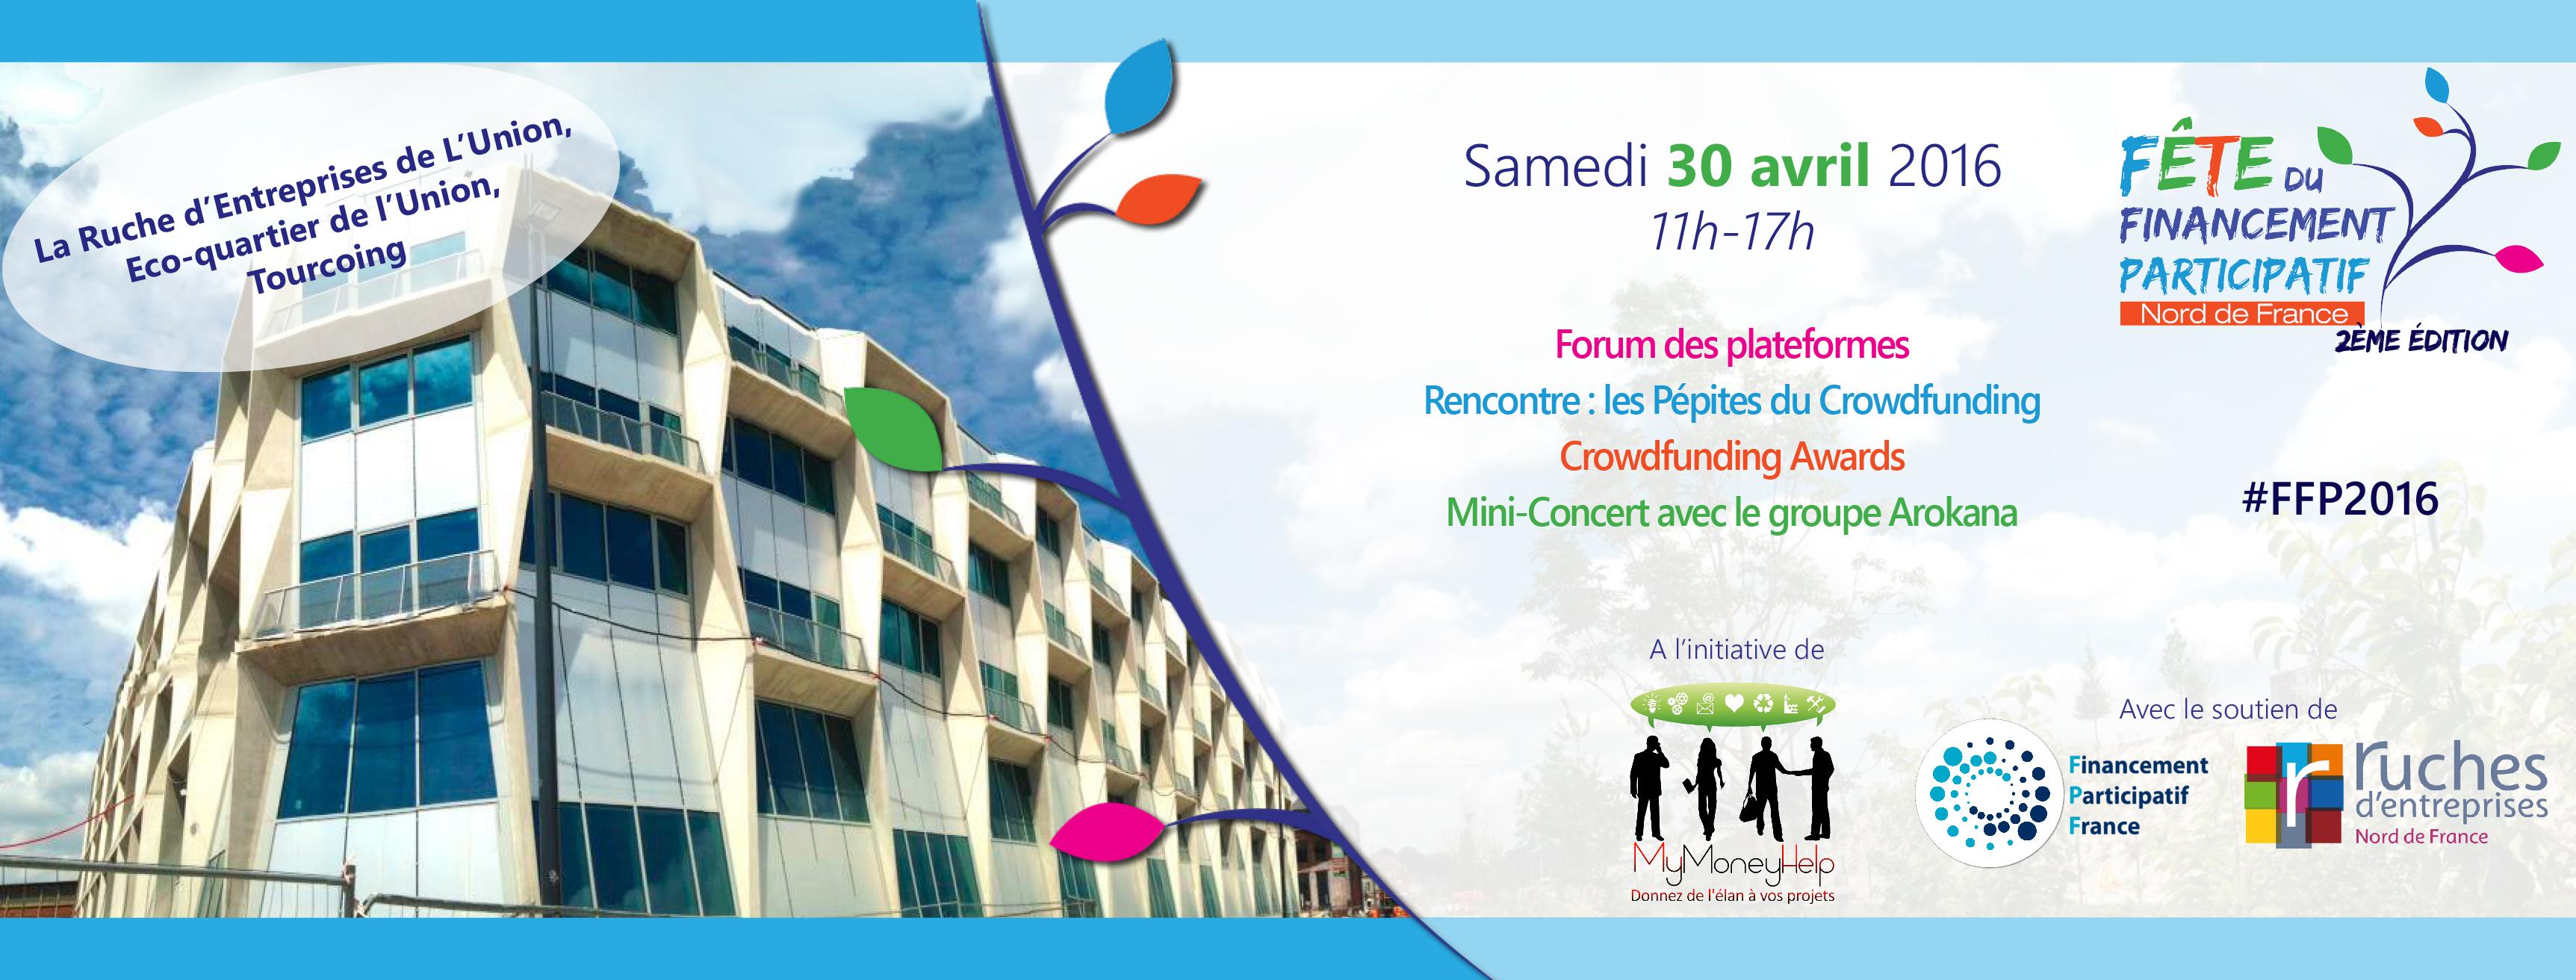 Fête du financement participatif Nord de France